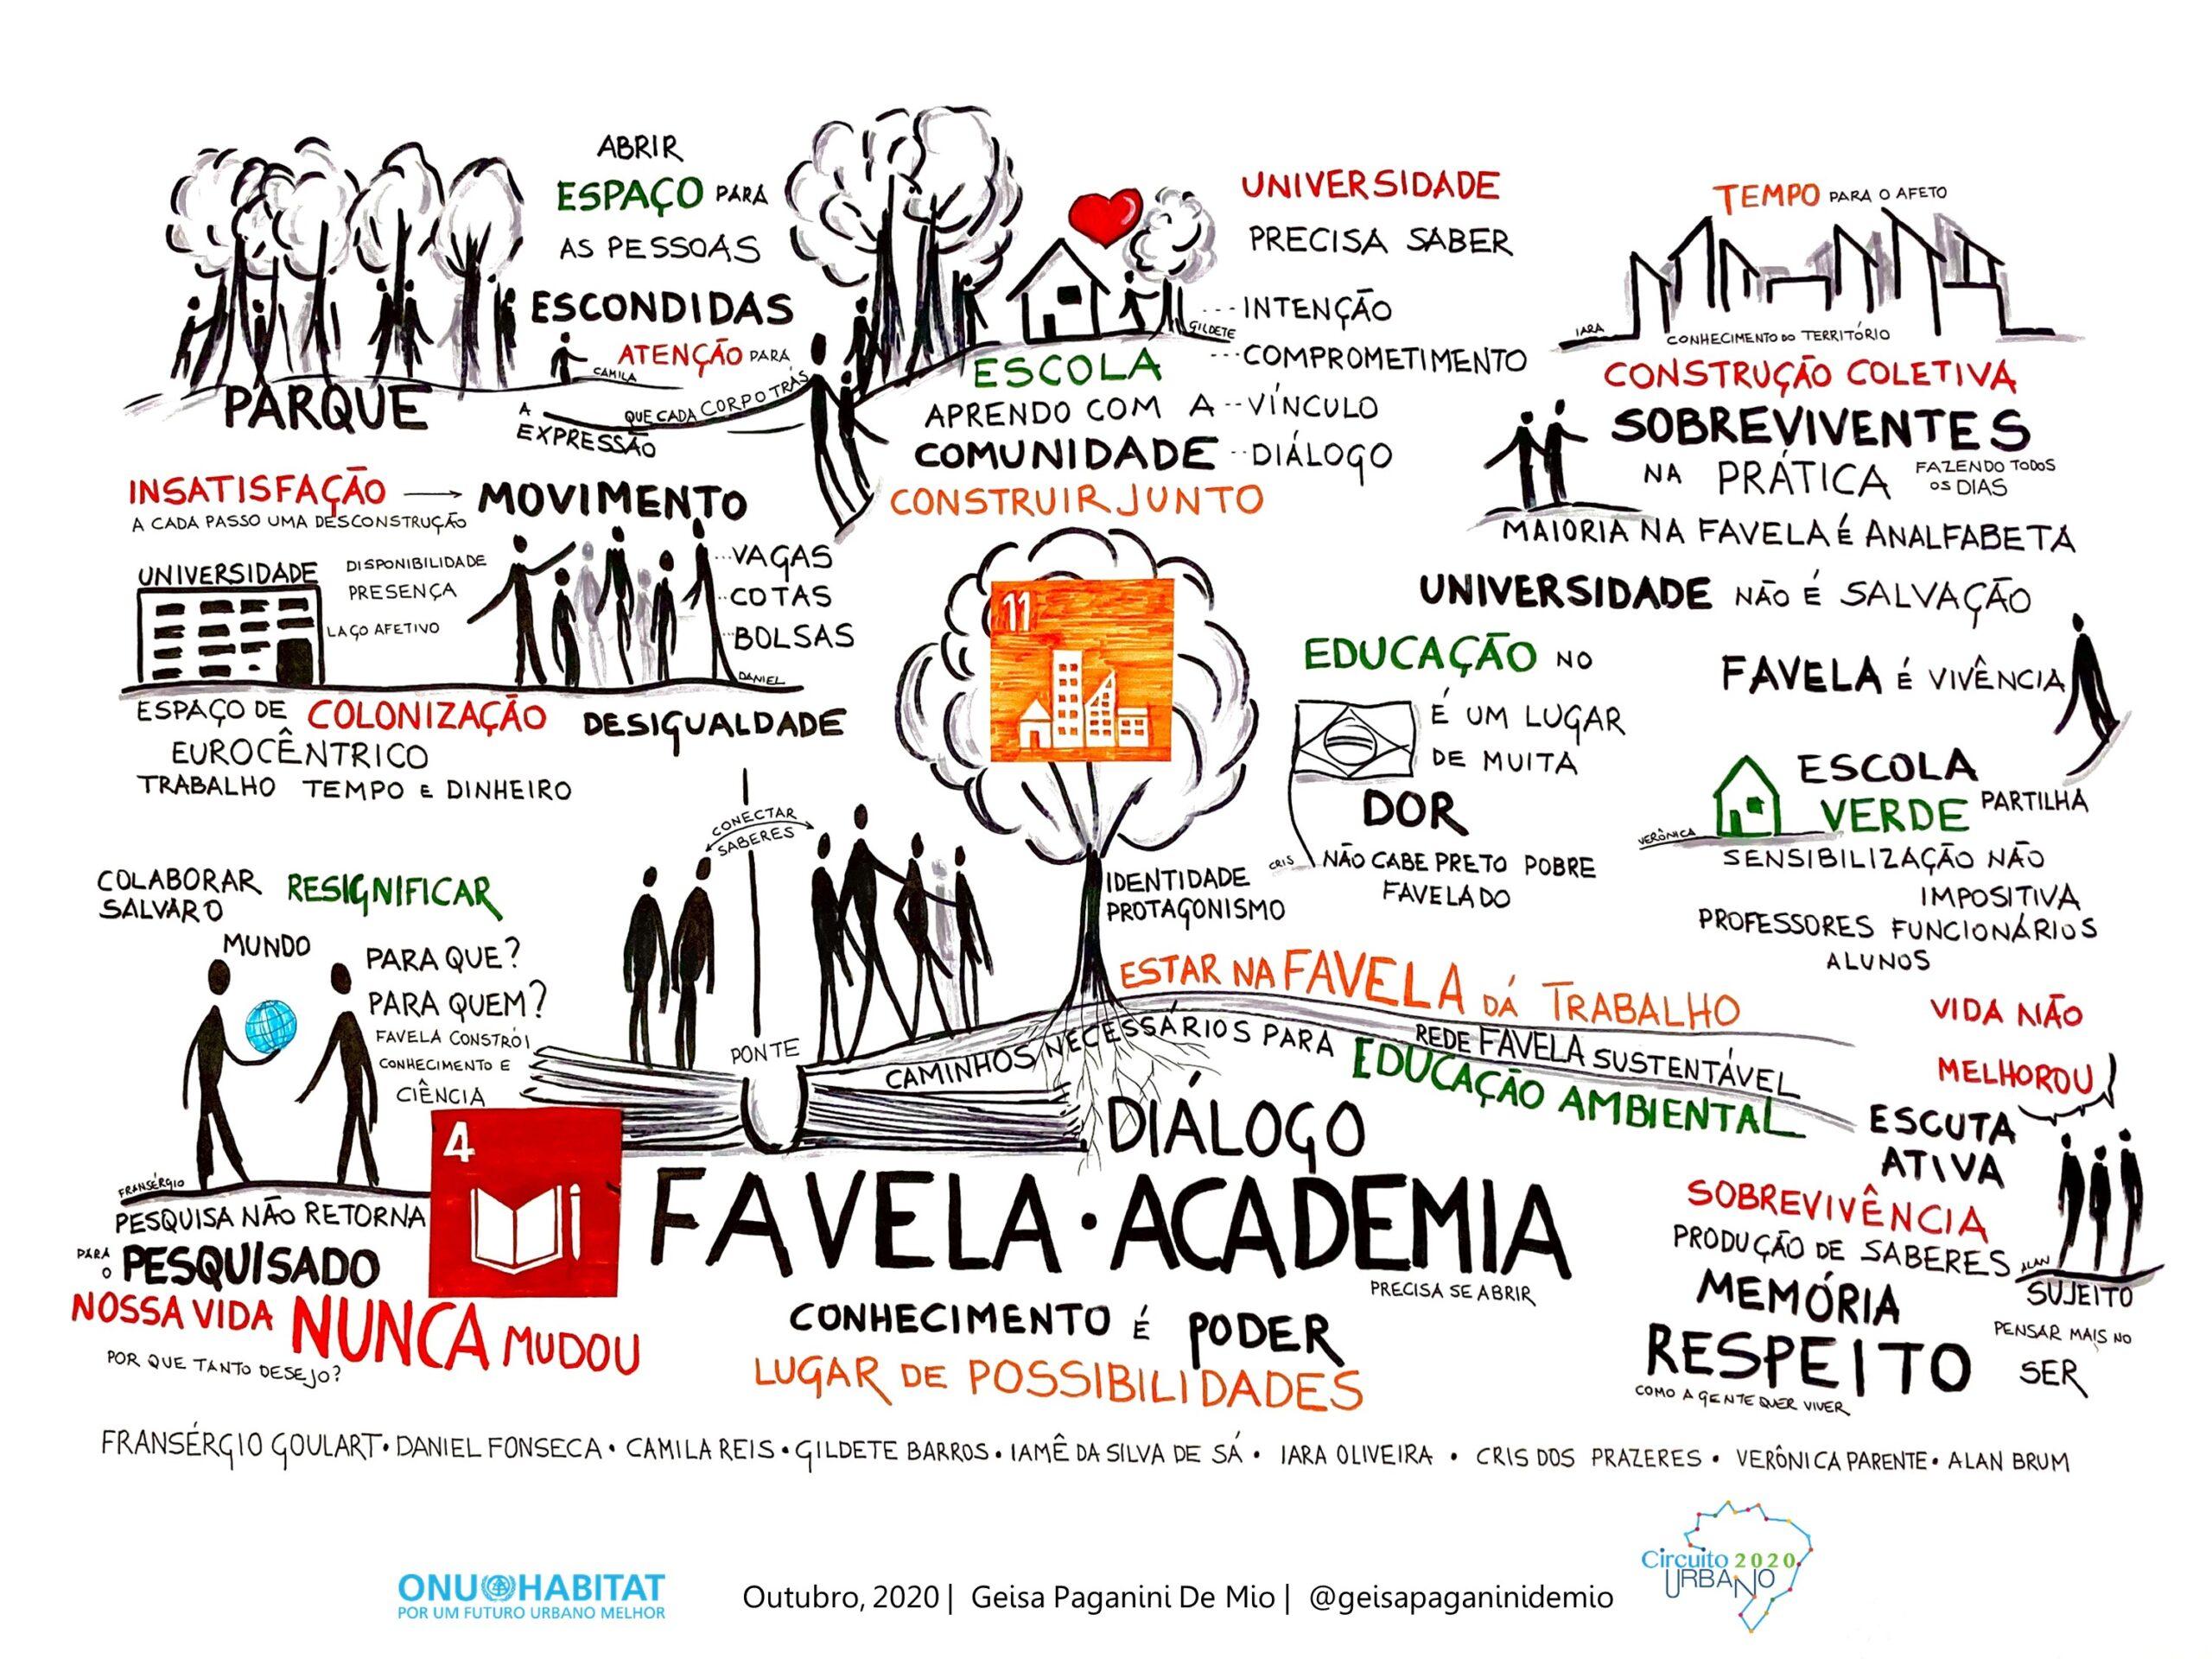 """Resumo gráfico da live """"Diálogo Favela e Academia Caminhos Necessários Para Educação Ambiental"""" do GT Educação Ambiental da Rede Favela Sustentável. Arte por Geisa Paganini De Mio."""